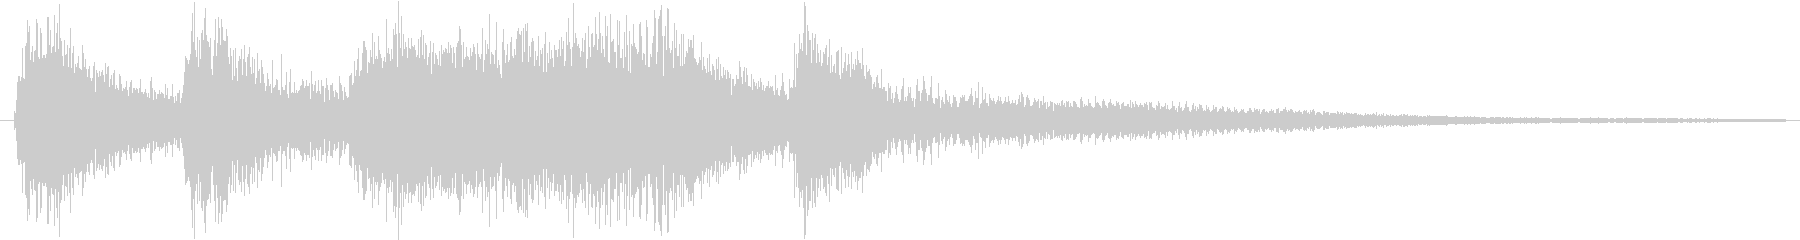 クラシックなイベント達成音ジングル9の未再生の波形